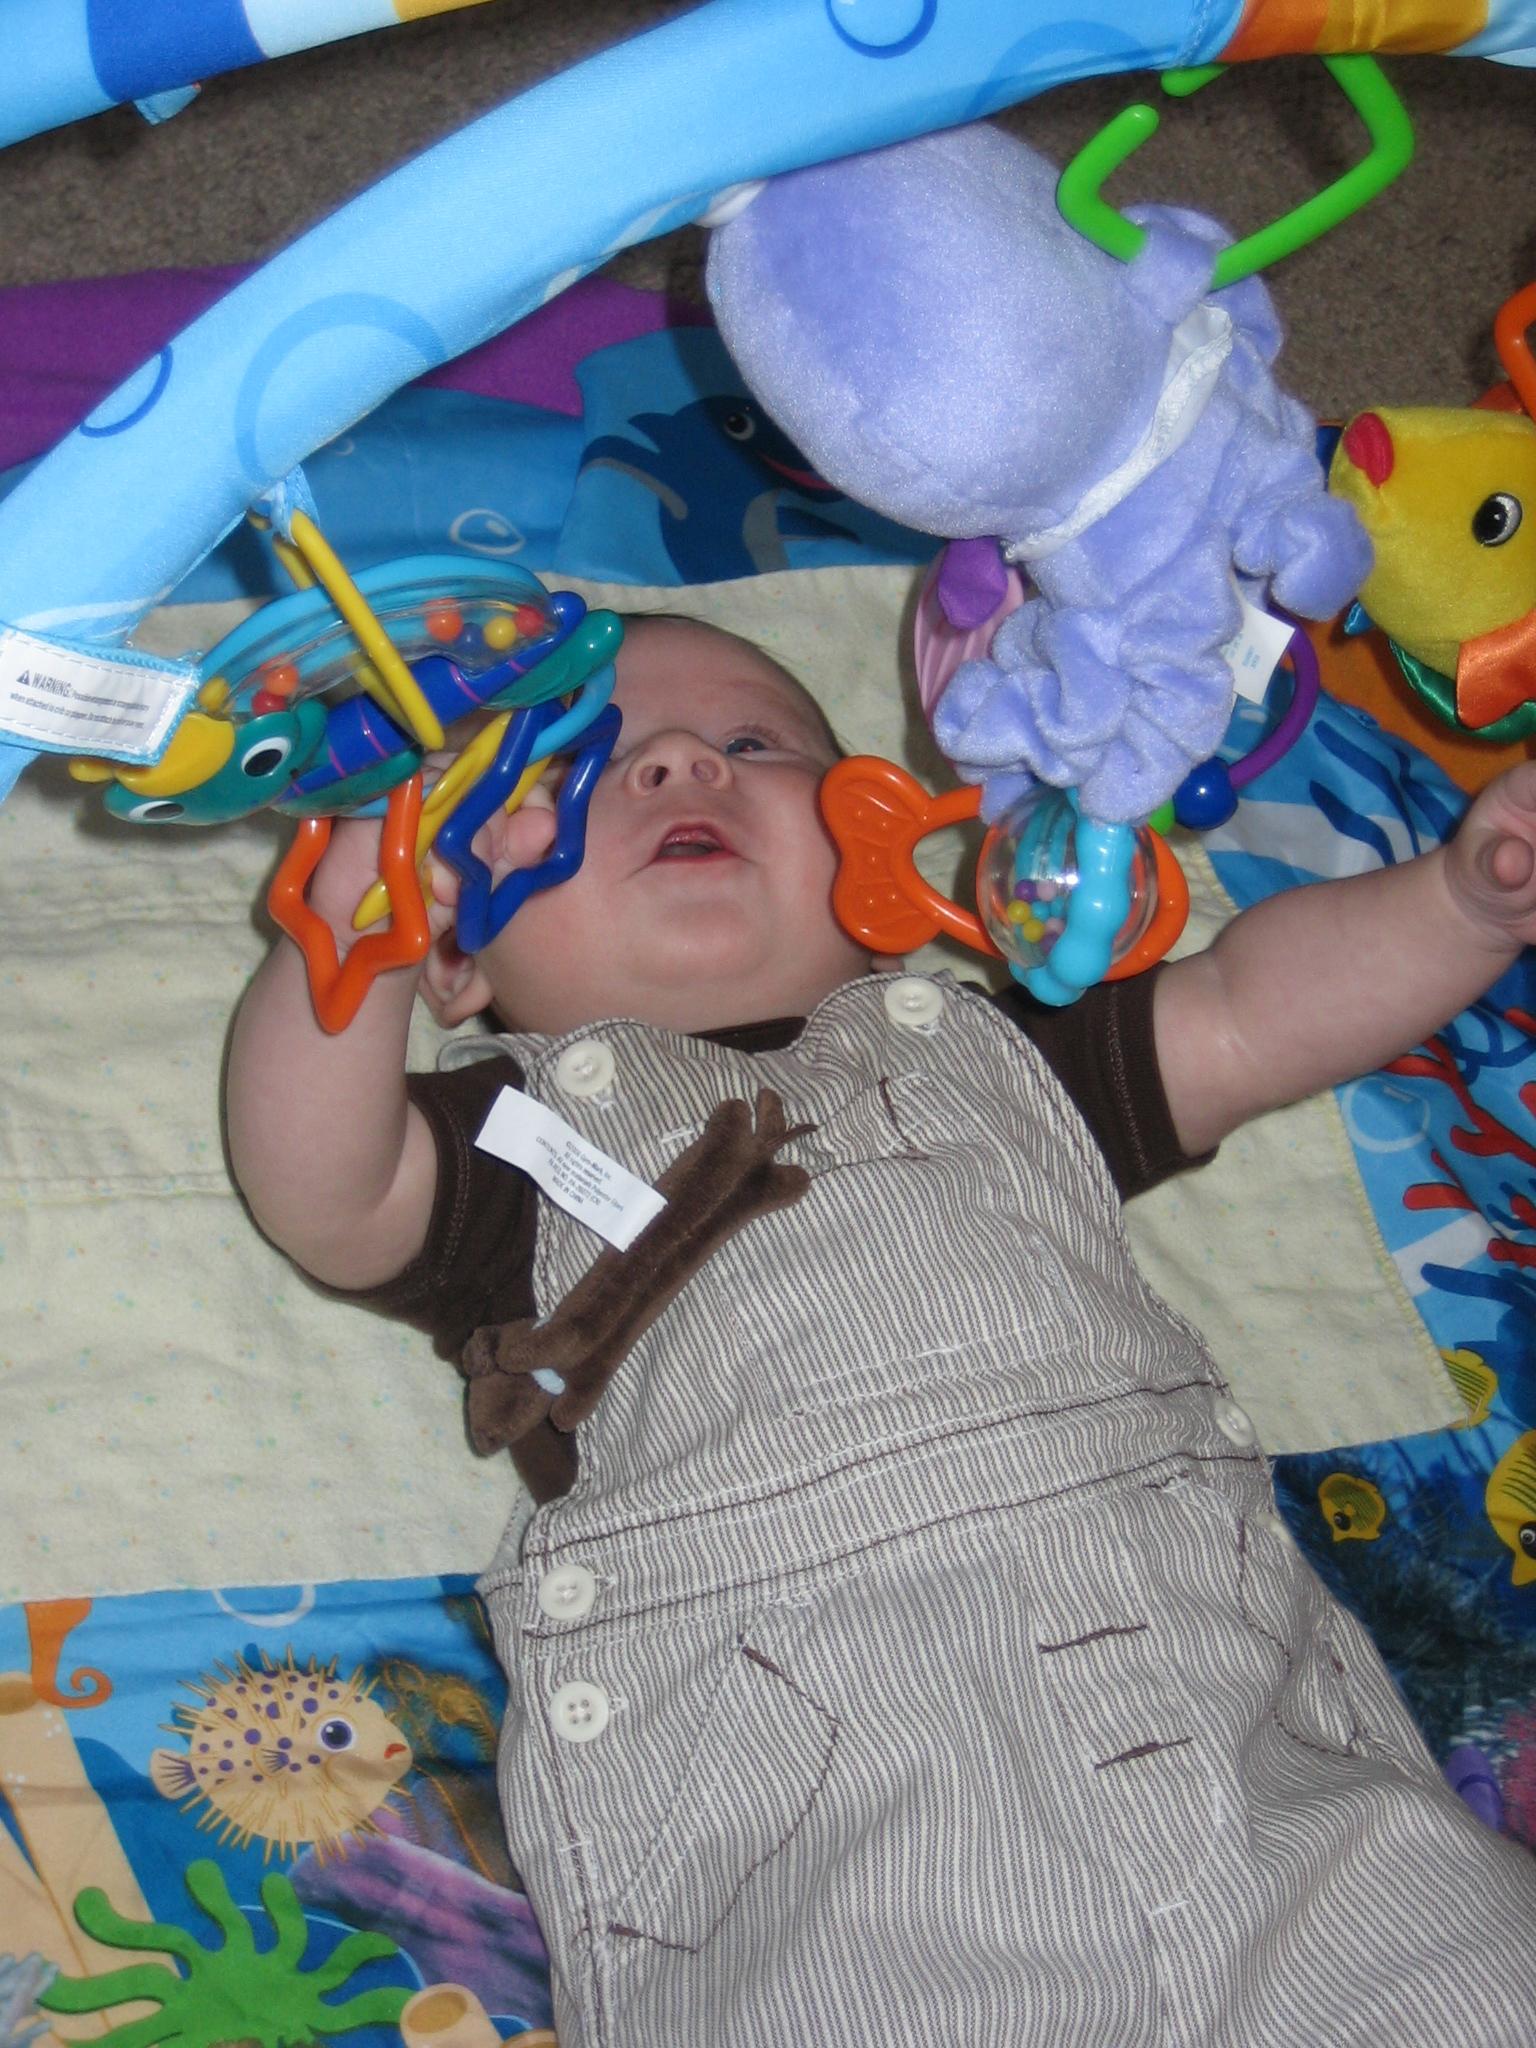 february-26-27-2008-003.jpg